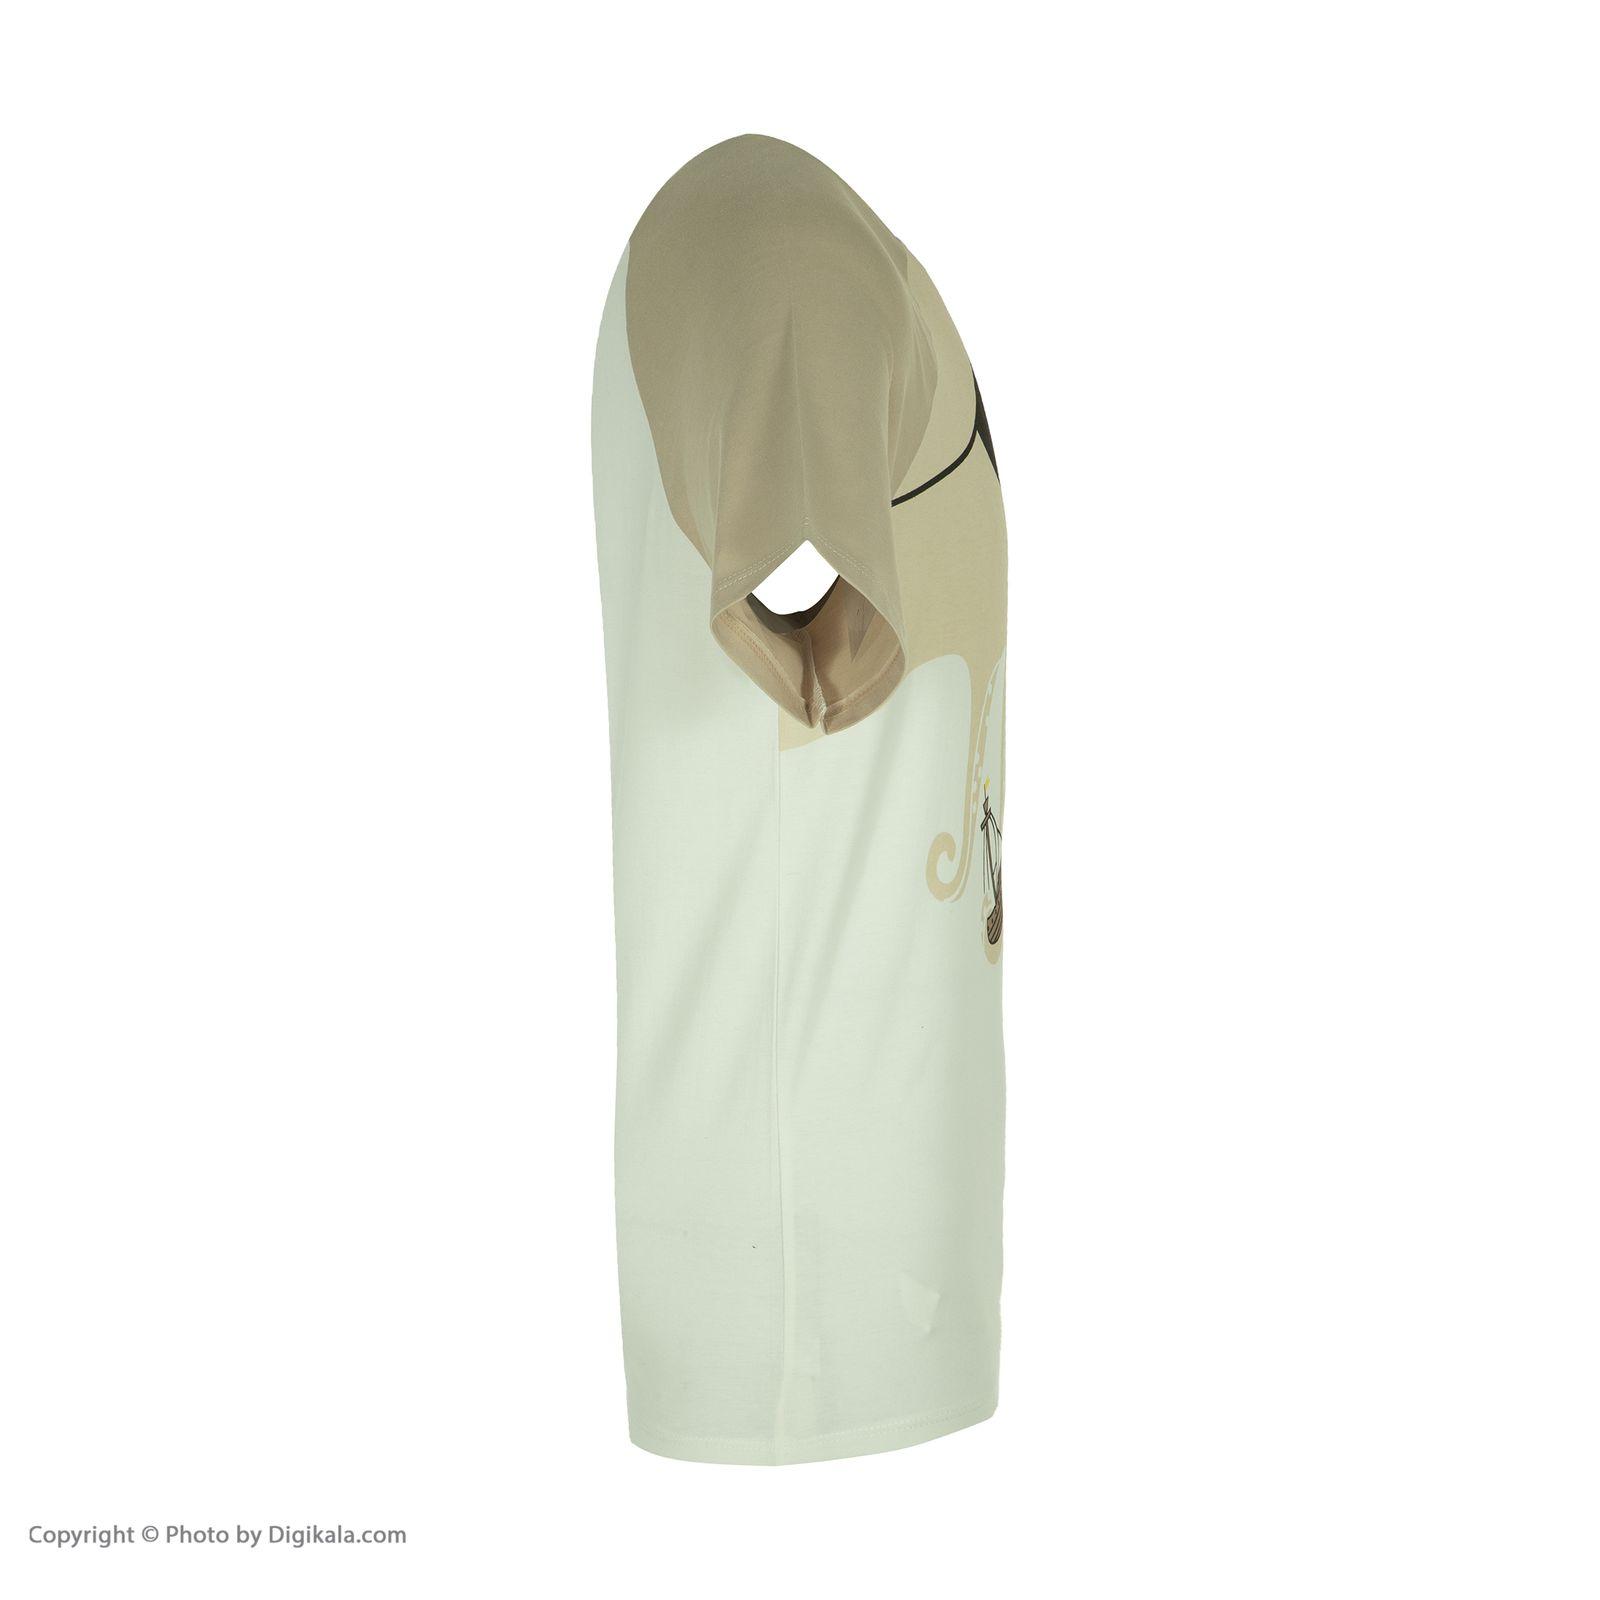 ست تی شرت و شلوارک راحتی مردانه مادر مدل 2041107-07 -  - 5